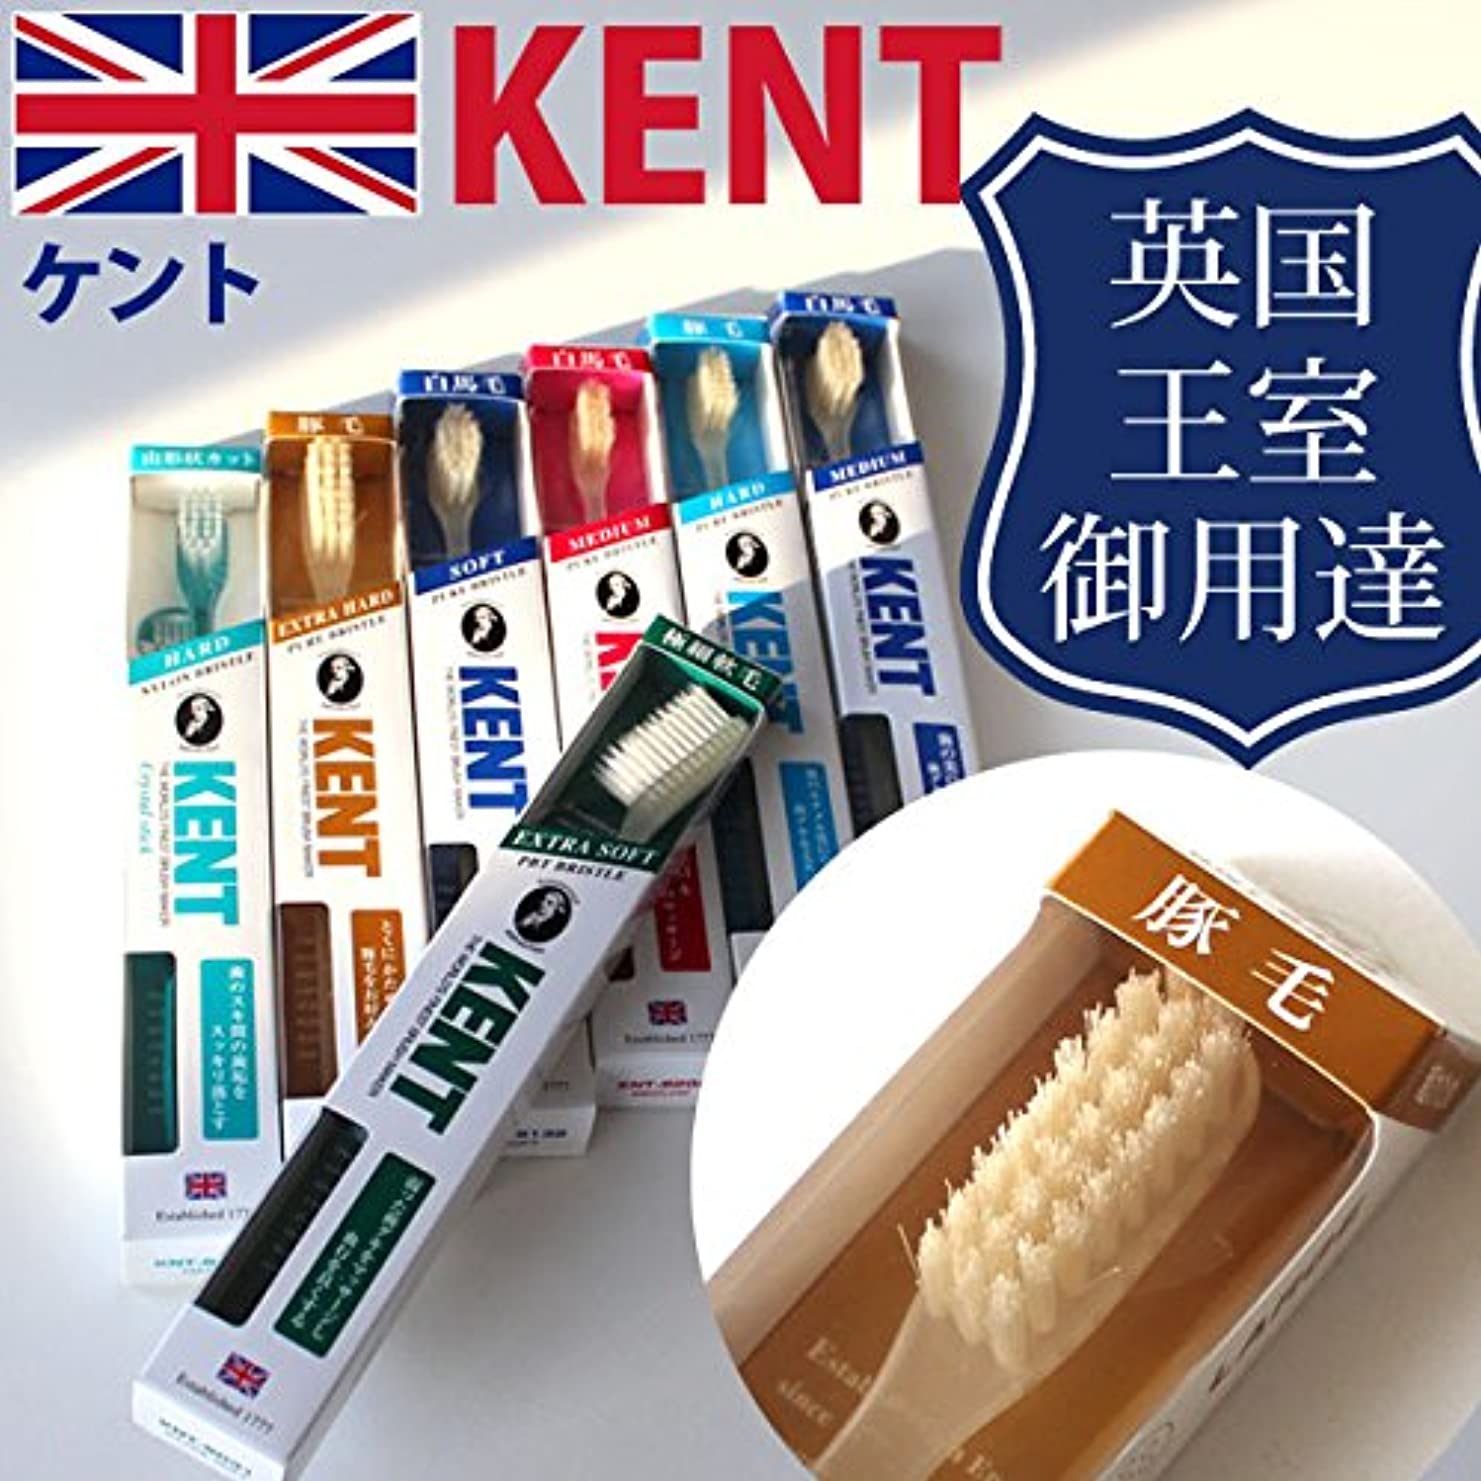 一般ハンマー遺体安置所ケント KENT 豚毛 ラージヘッド 歯ブラシKNT-9433 超かため 6本入り しっかり磨ける天然毛のラジヘ